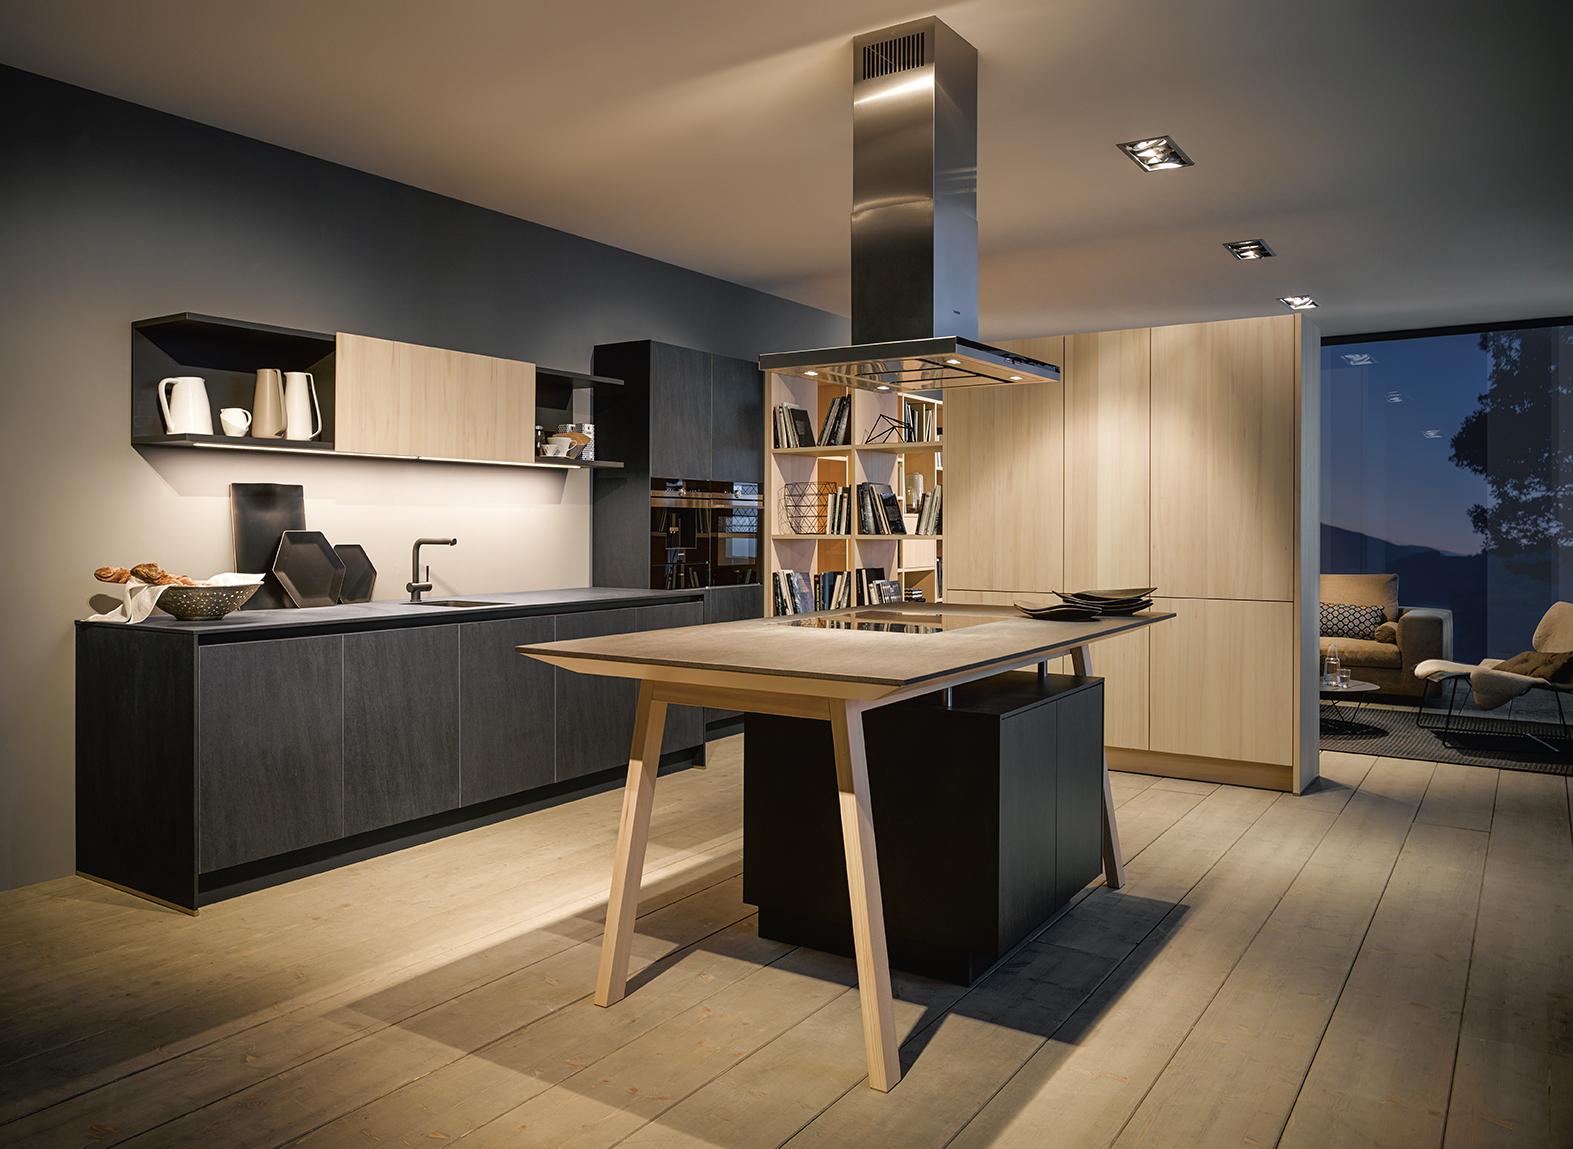 Cuisine intégrée équipée haut de gamme mariage bois et marbre pour maison luxueuse chic